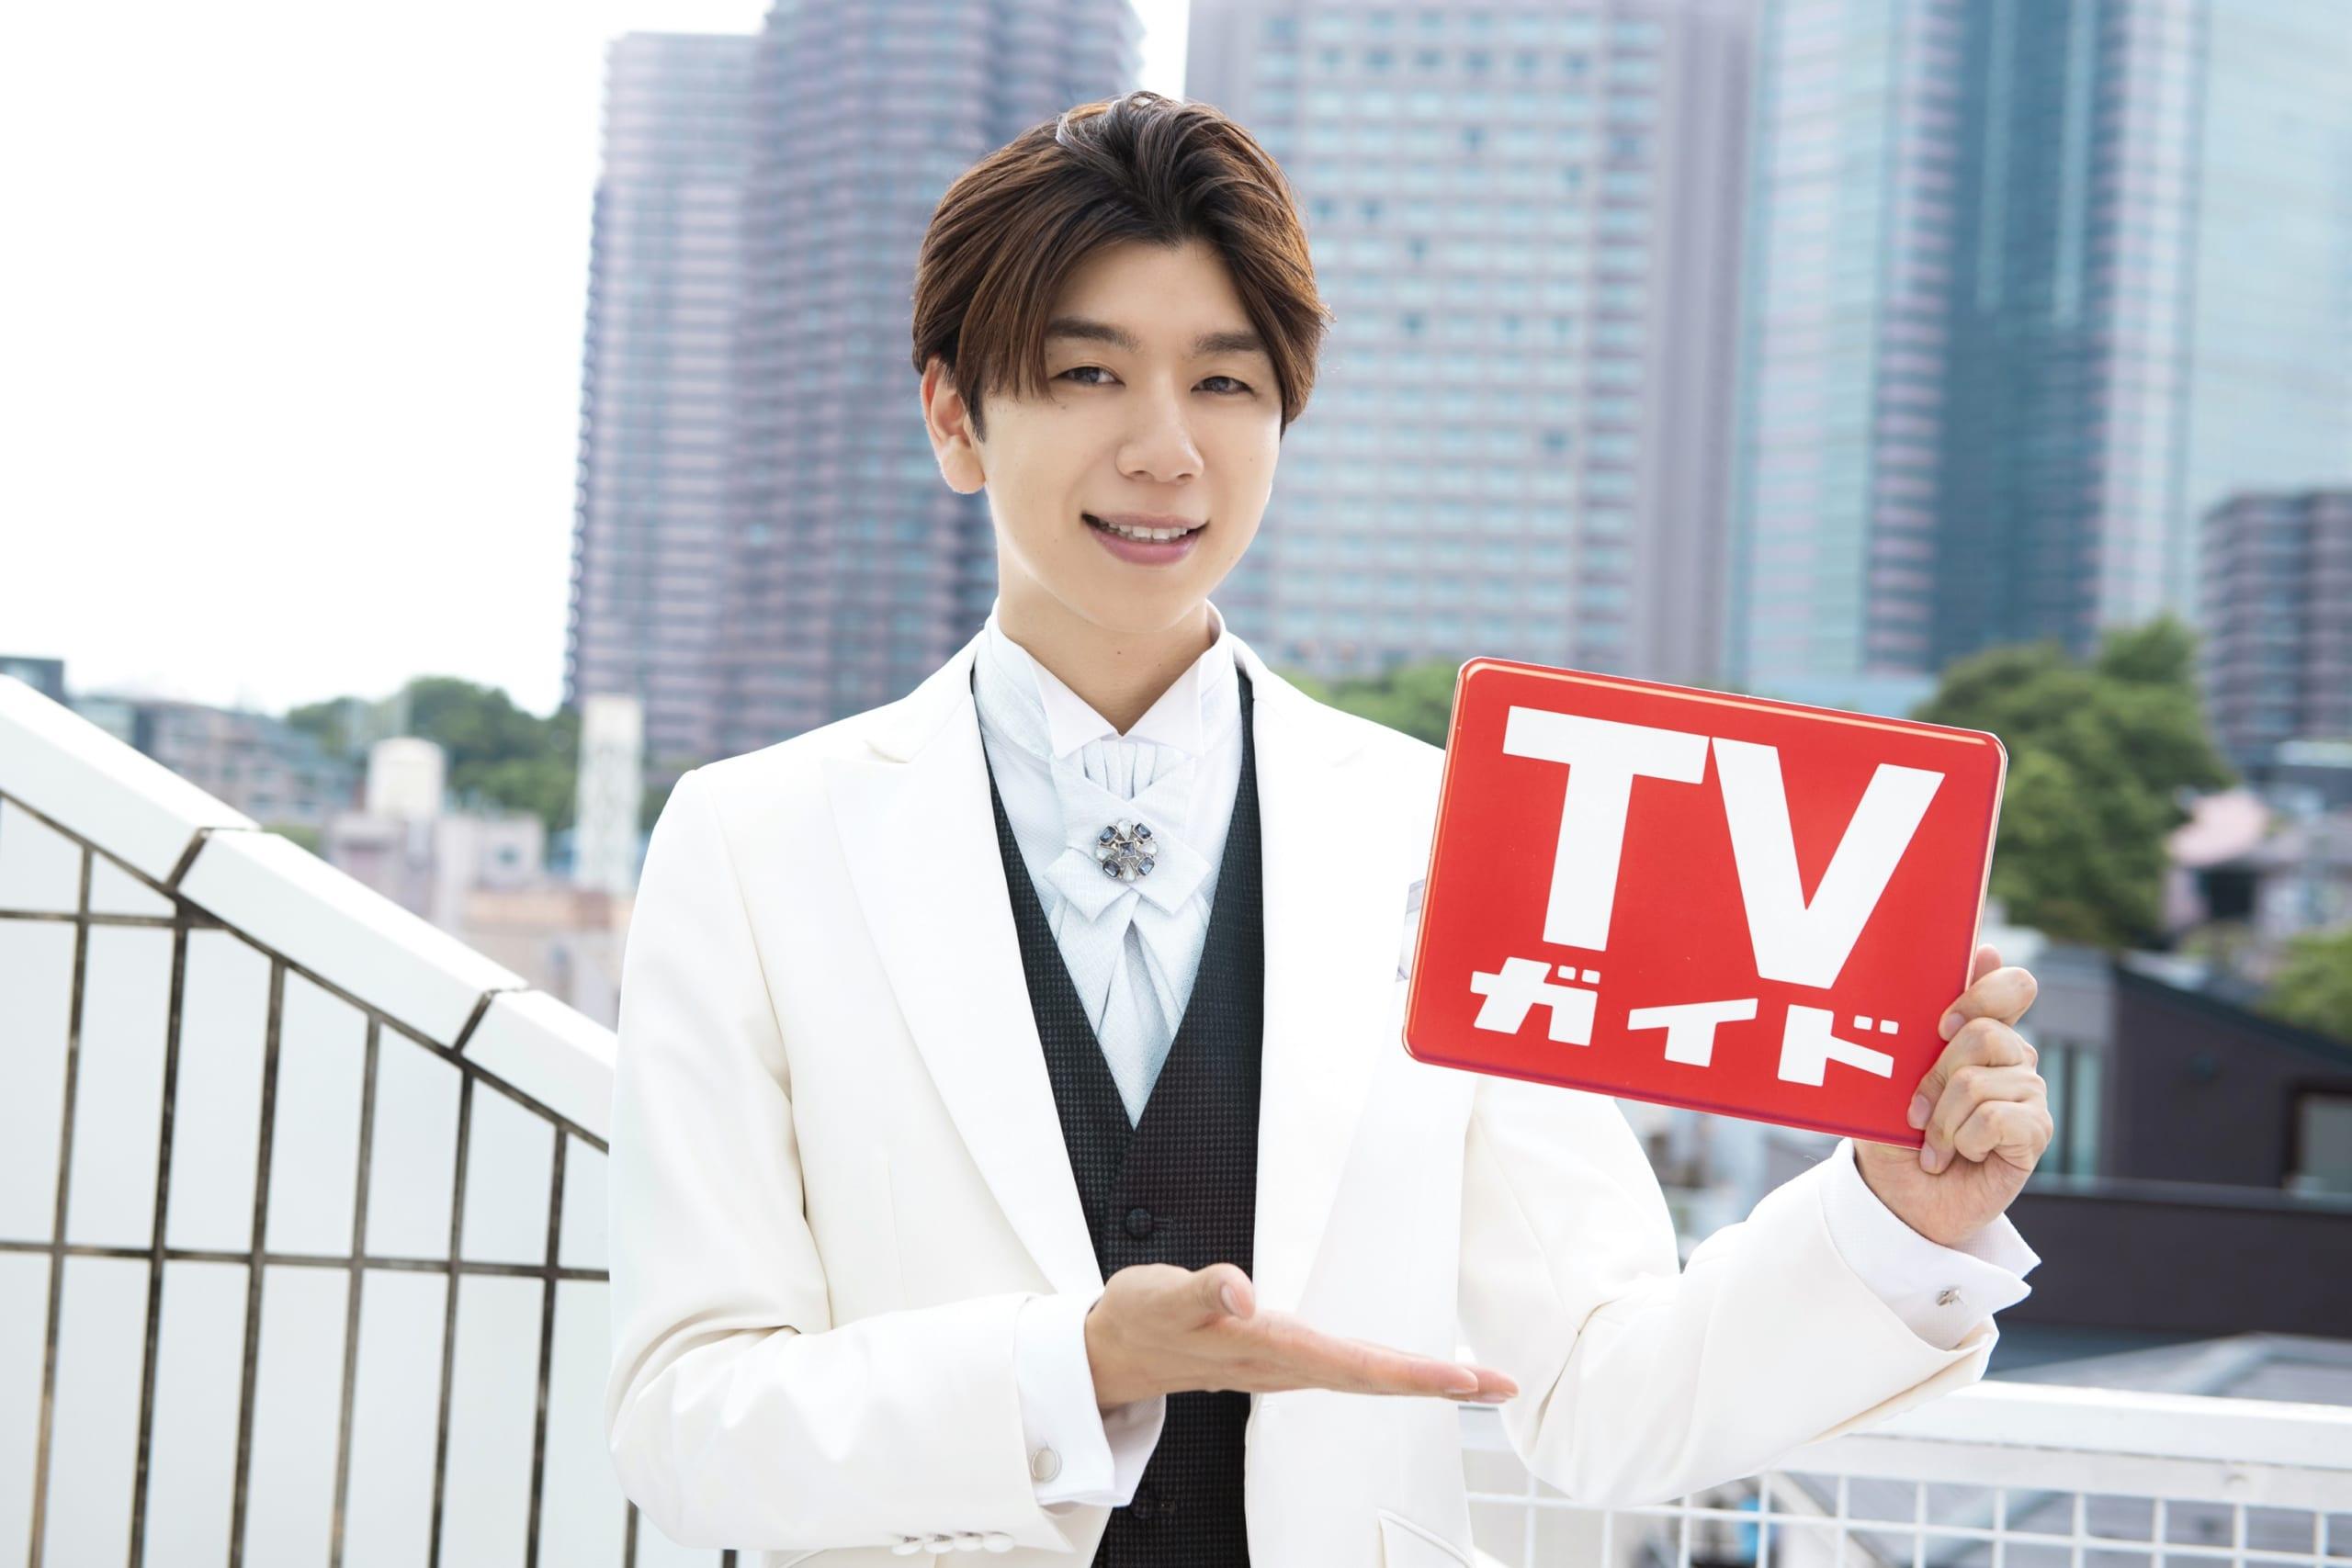 西山宏太朗さんの新グラビアは花嫁に逃げられた花婿!?「TVガイド」声優連載がまさかの設定